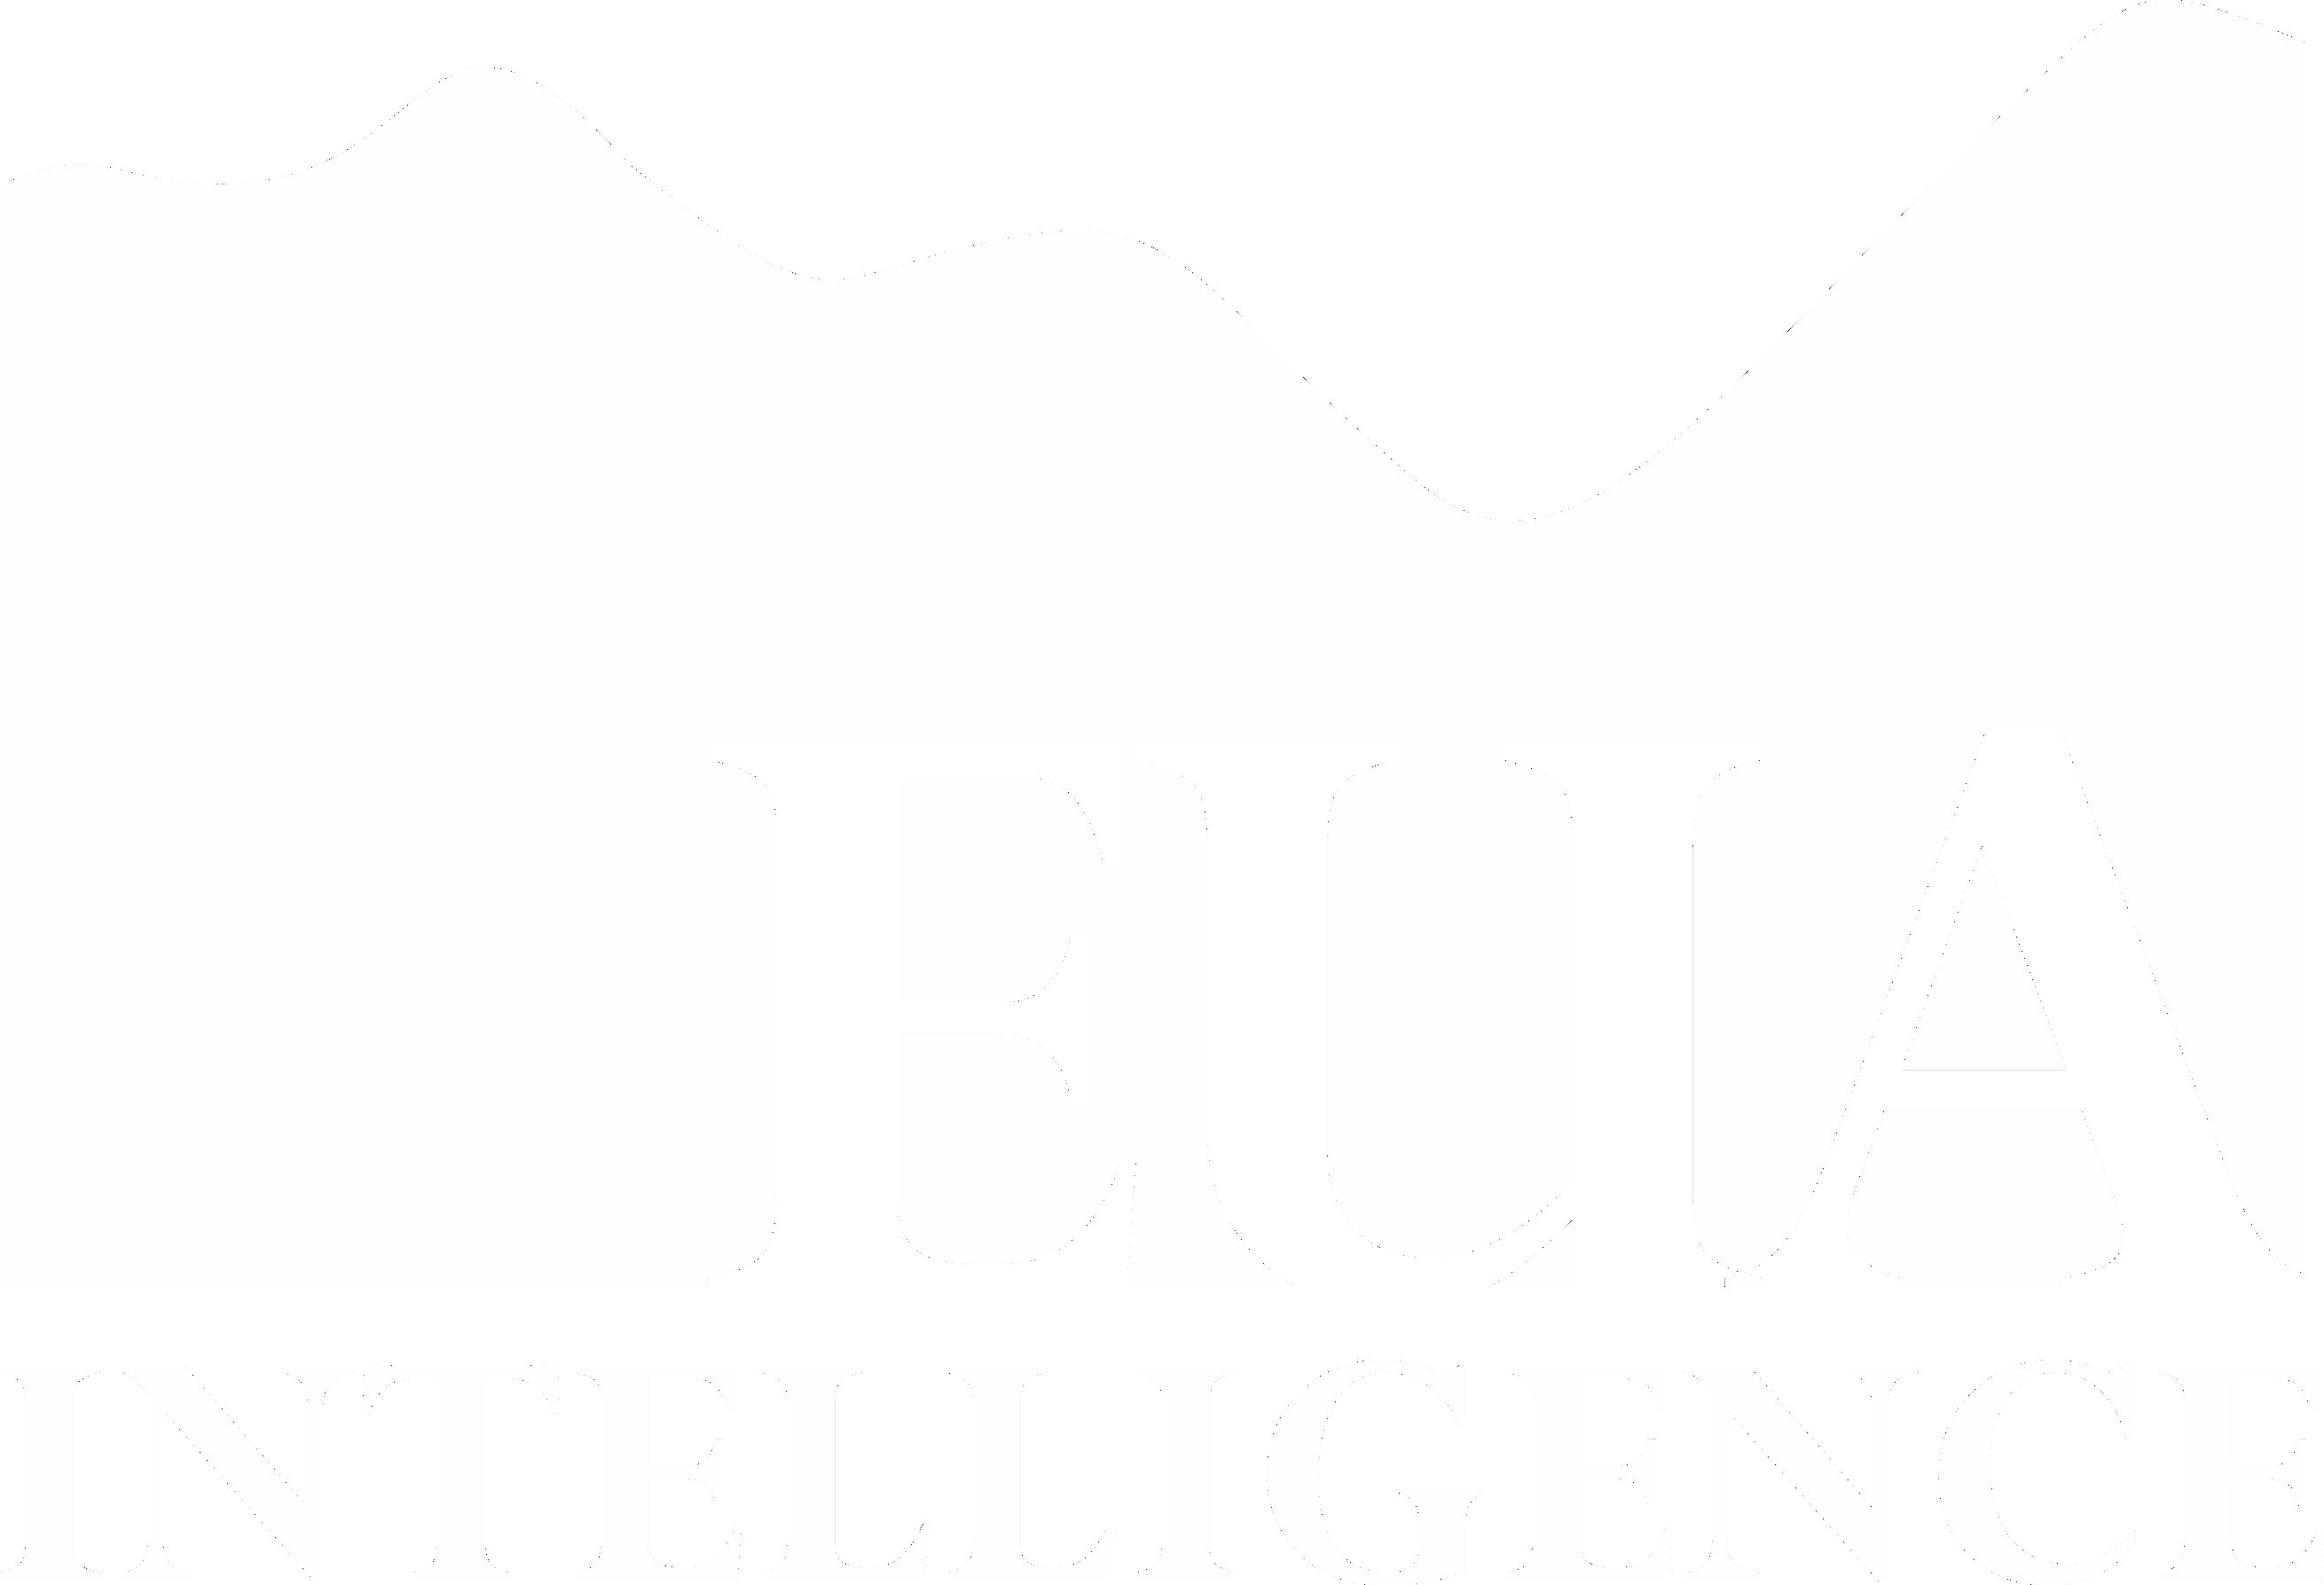 EUA Intelligence